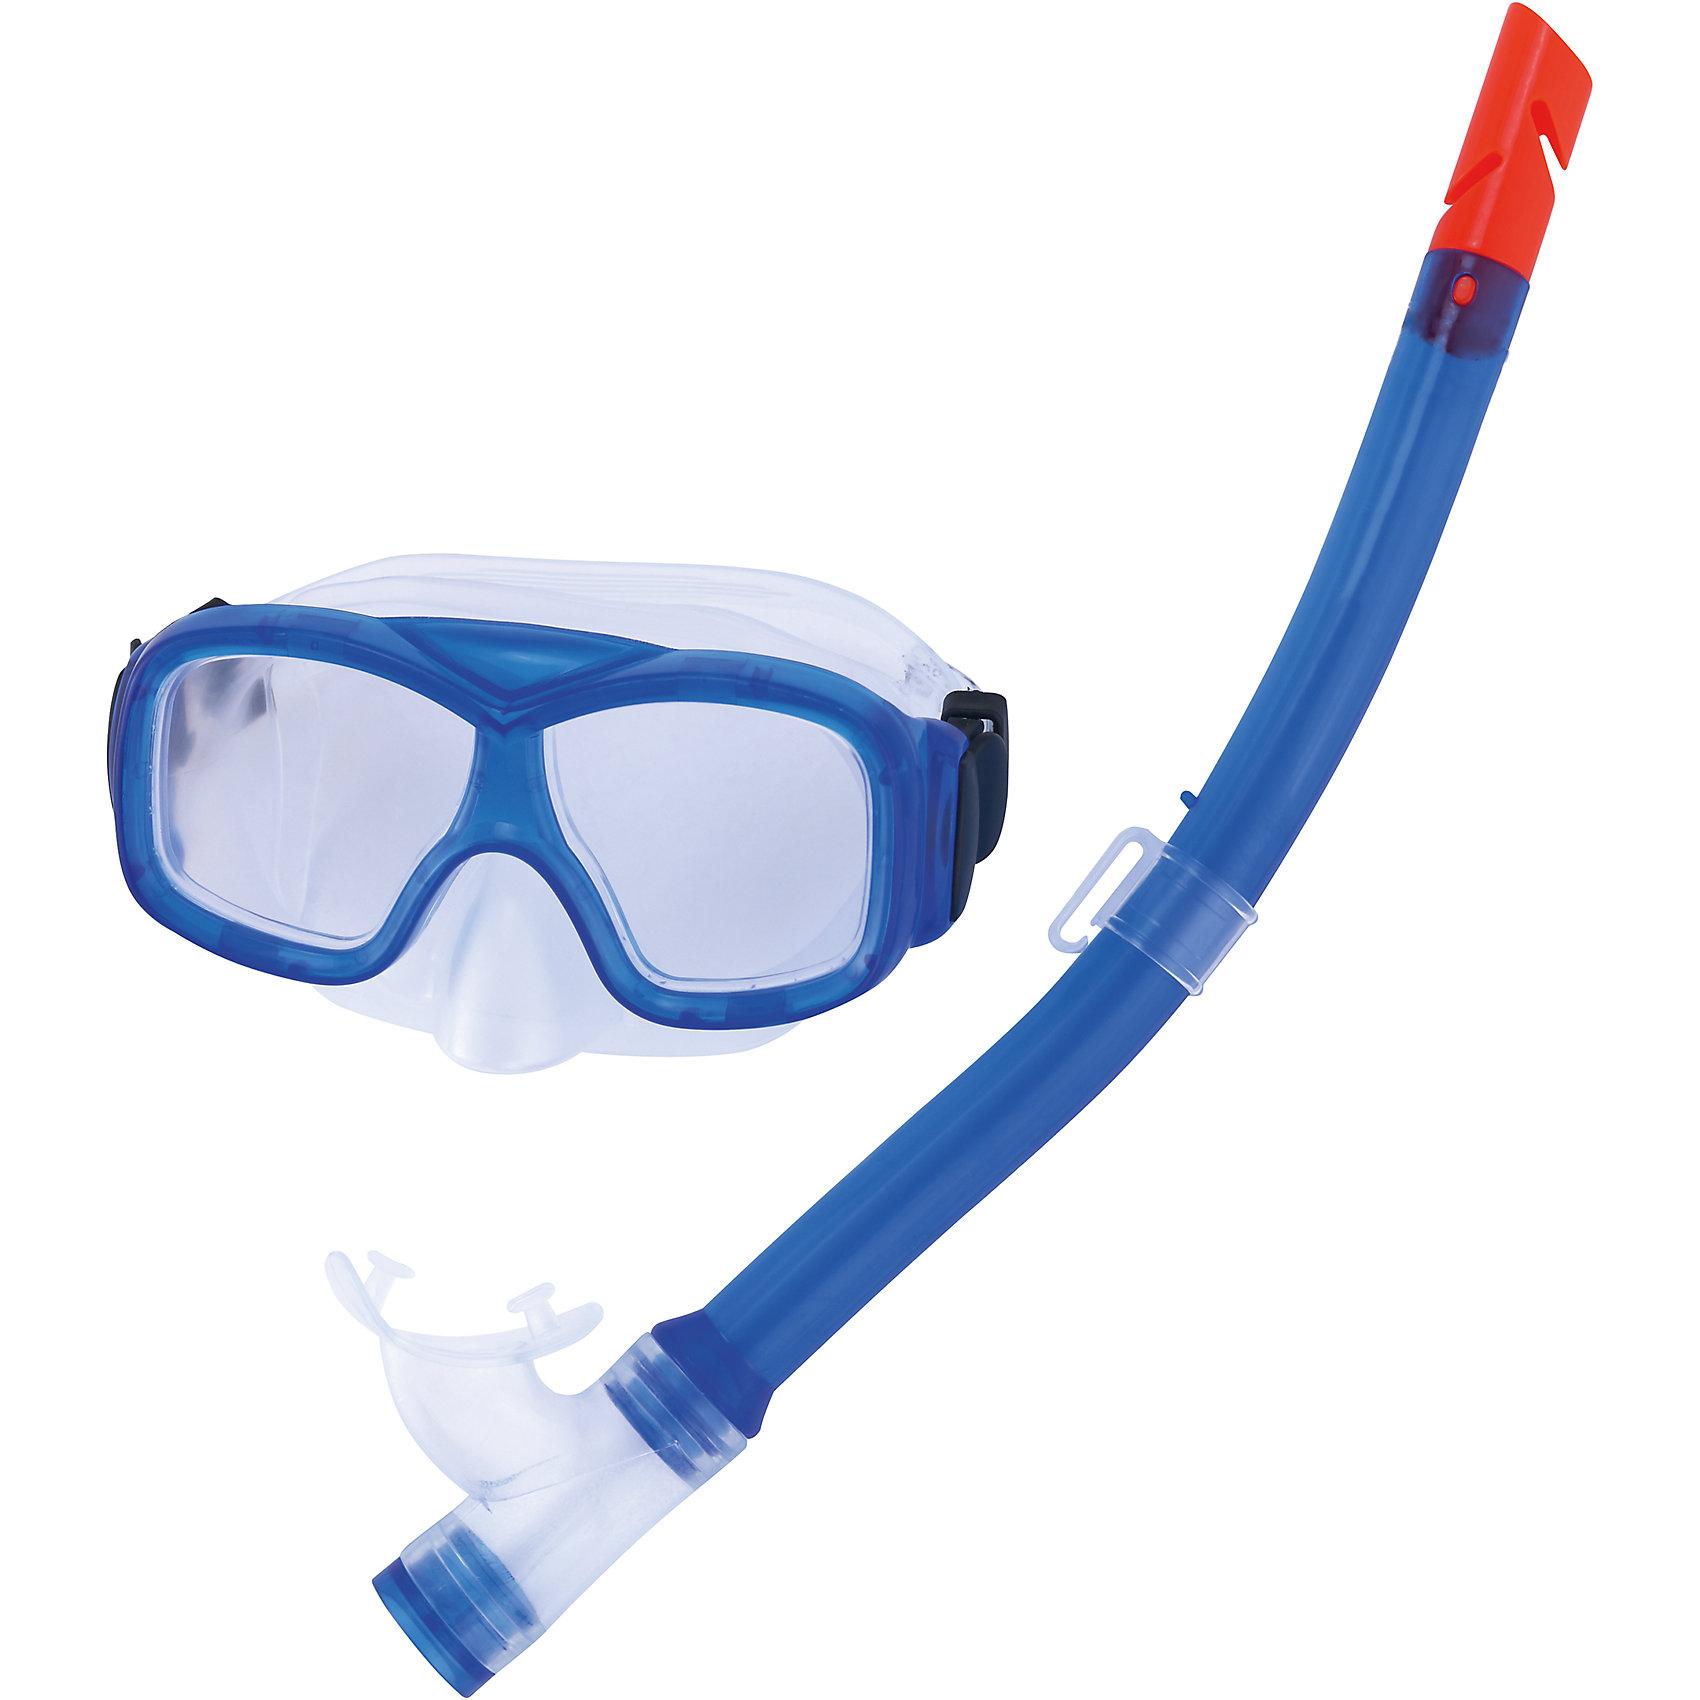 Набор для ныряния (маска+трубка) Explorer подростковый,  BestwayНабор для ныряния Explorer, Bestway - отличный вариант для активного отдыха и увлекательных исследований подводного мира. В комплект входят маска для ныряния и трубка. Маска оснащена линзами из поликарбоната с широким обзором без искажений, плотно прилегает к лицу и надёжно фиксируется регулируемым силиконовым ремешком. Пластиковая трубка с эластичным мягким загубником, положение которого можно регулировать, позволяет оставаться под водой на протяжении длительного времени. <br><br>Дополнительная информация:<br><br>- Материал: поликарбонат.<br>- Размер упаковки: 48 х 18,5 х 8 см.<br>- Вес: 0,308 кг.<br><br>Набор для ныряния (маска+трубка) Explorer подростковый, Bestway (Бествей) можно купить в нашем интернет-магазине.<br><br>Ширина мм: 480<br>Глубина мм: 185<br>Высота мм: 80<br>Вес г: 308<br>Возраст от месяцев: 84<br>Возраст до месяцев: 168<br>Пол: Унисекс<br>Возраст: Детский<br>SKU: 4051645